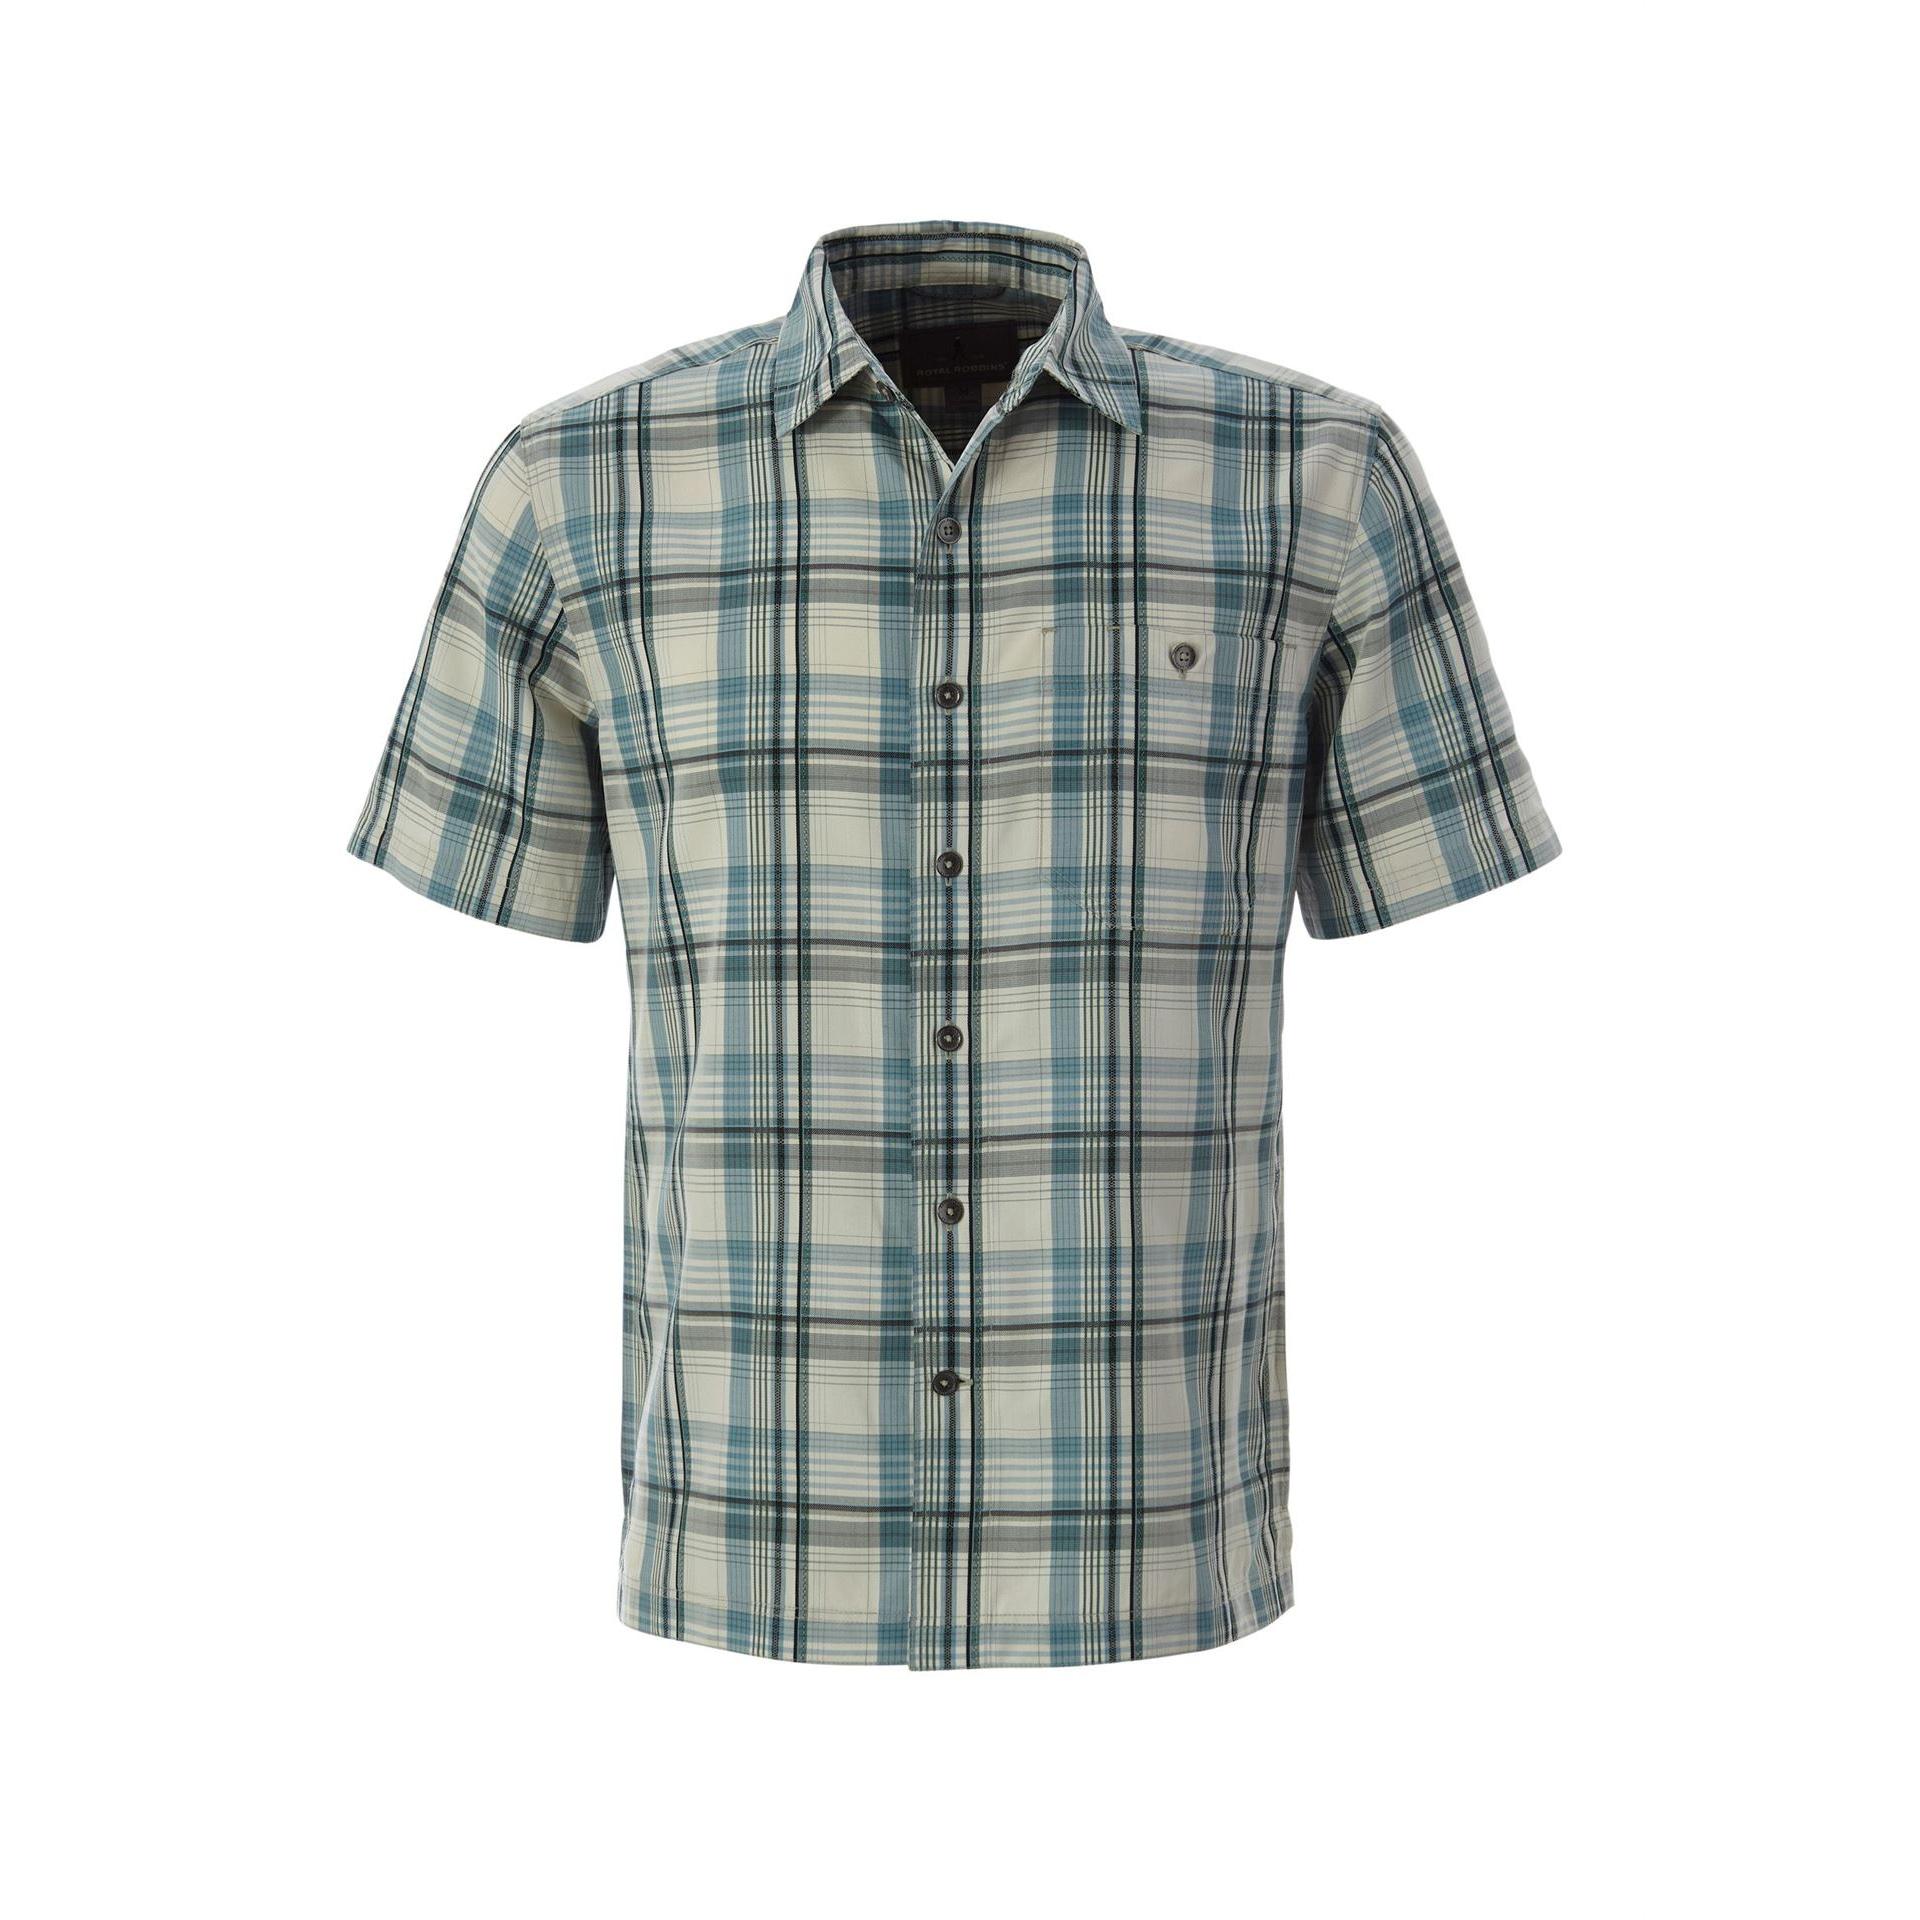 Mojave Dobby Plaid Short Sleeve - Men's